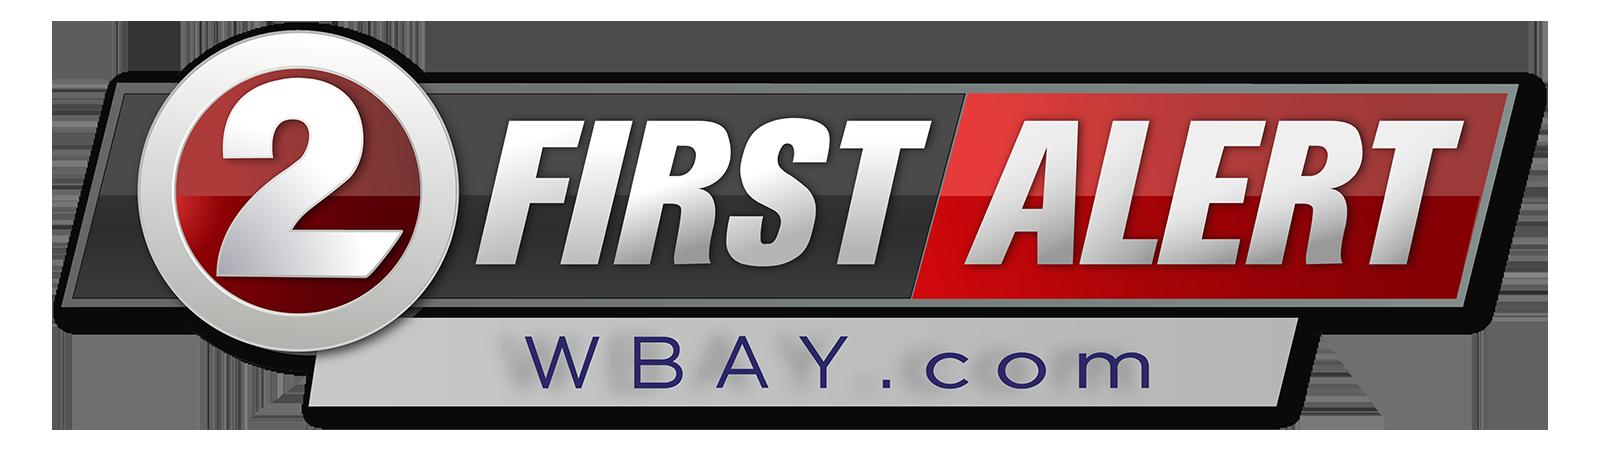 2 First Alert Weather Team Logo